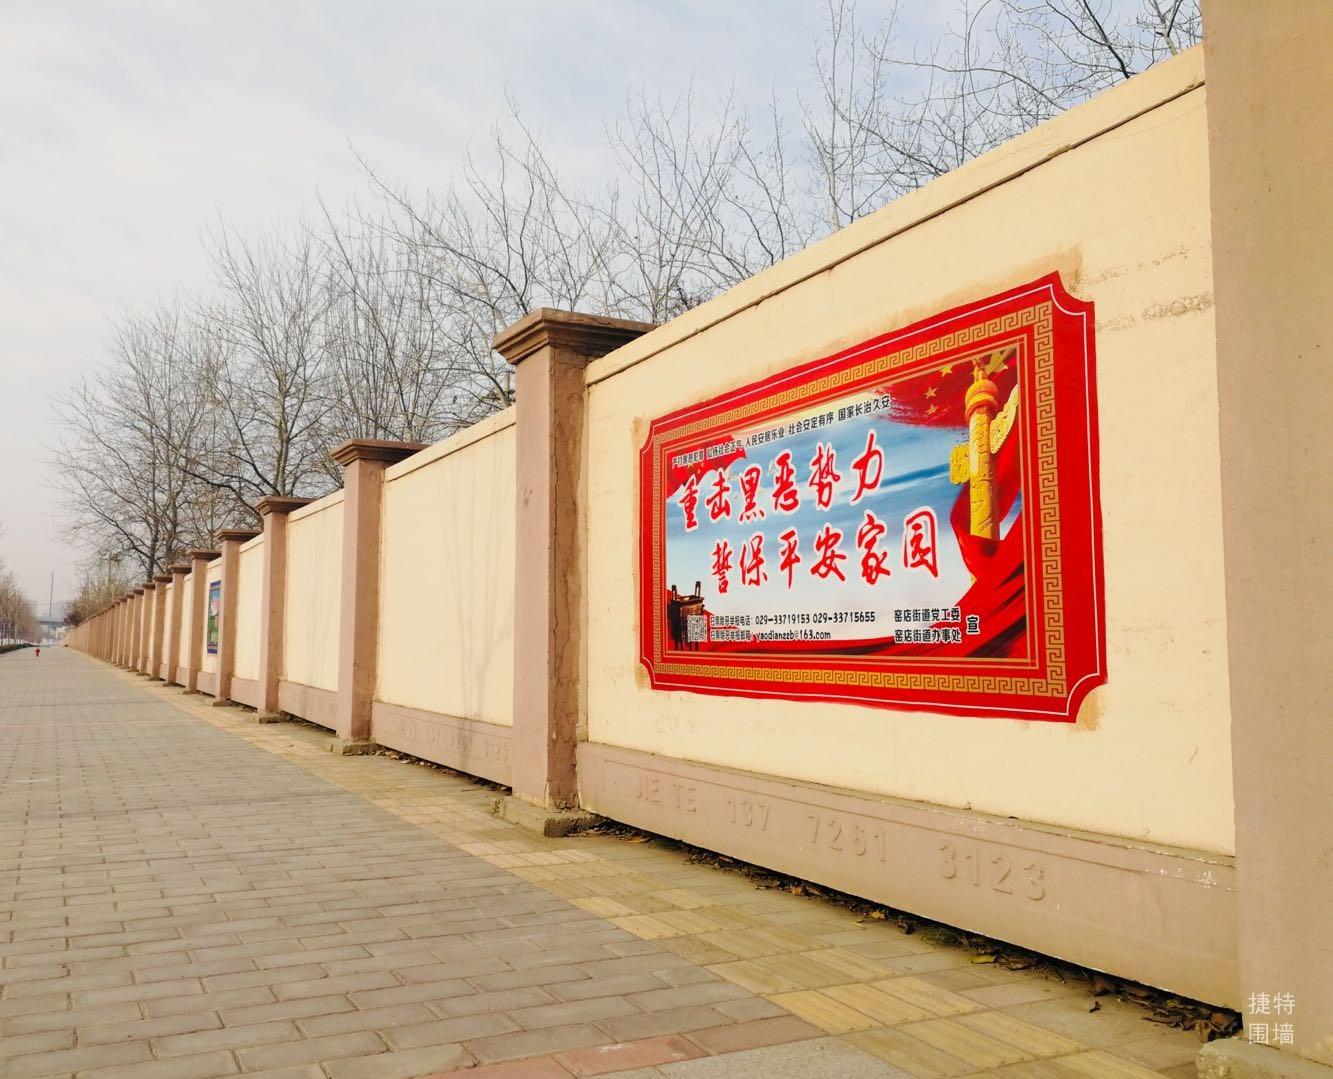 咸阳窑店街道文化围墙项目